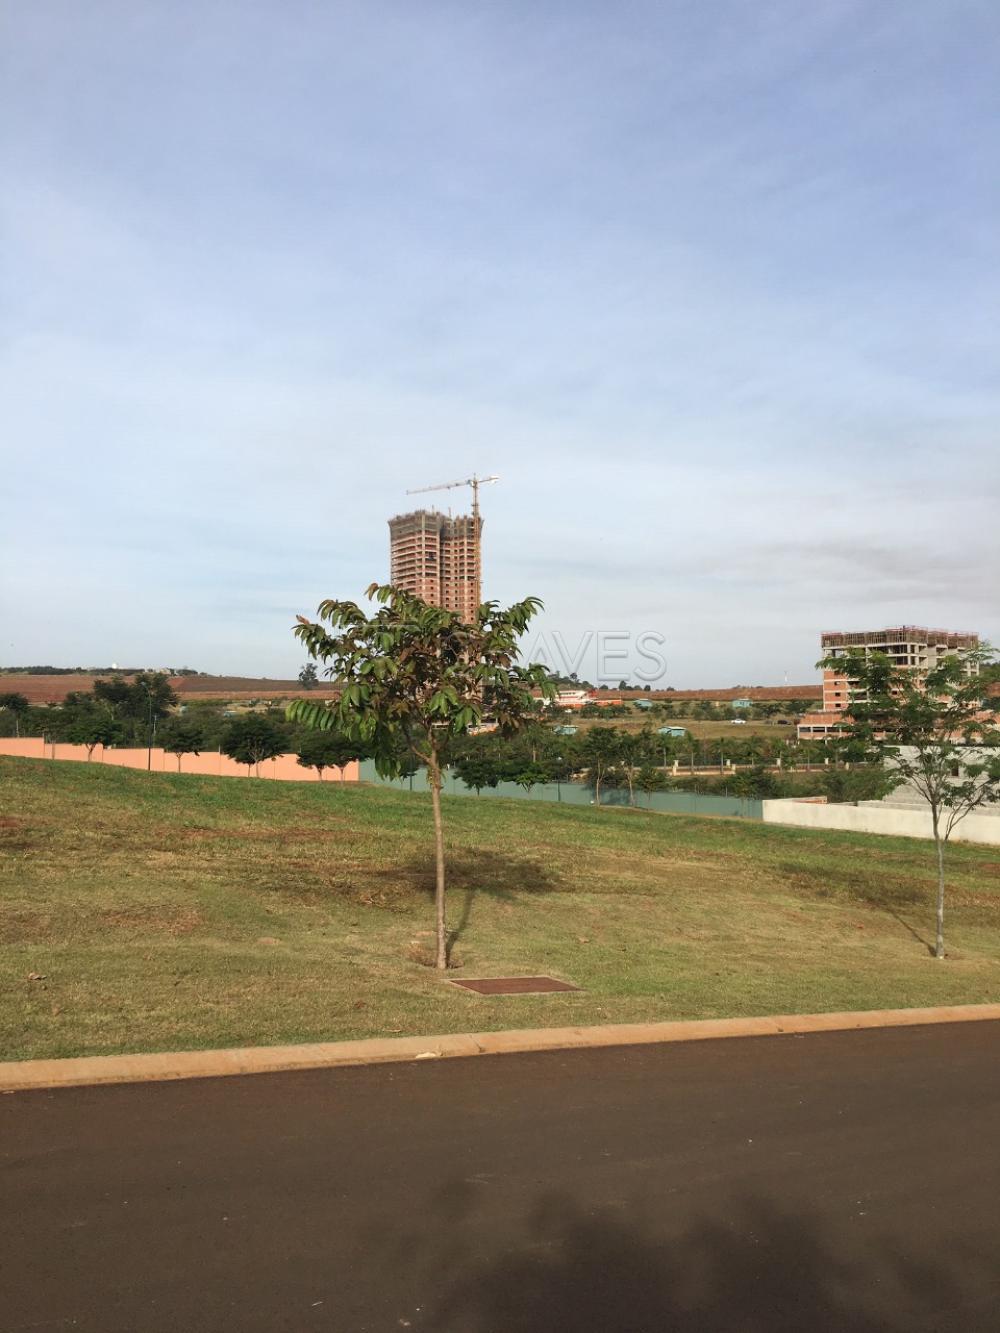 Comprar Terreno / Condomínio em Bonfim Paulista apenas R$ 950.000,00 - Foto 3